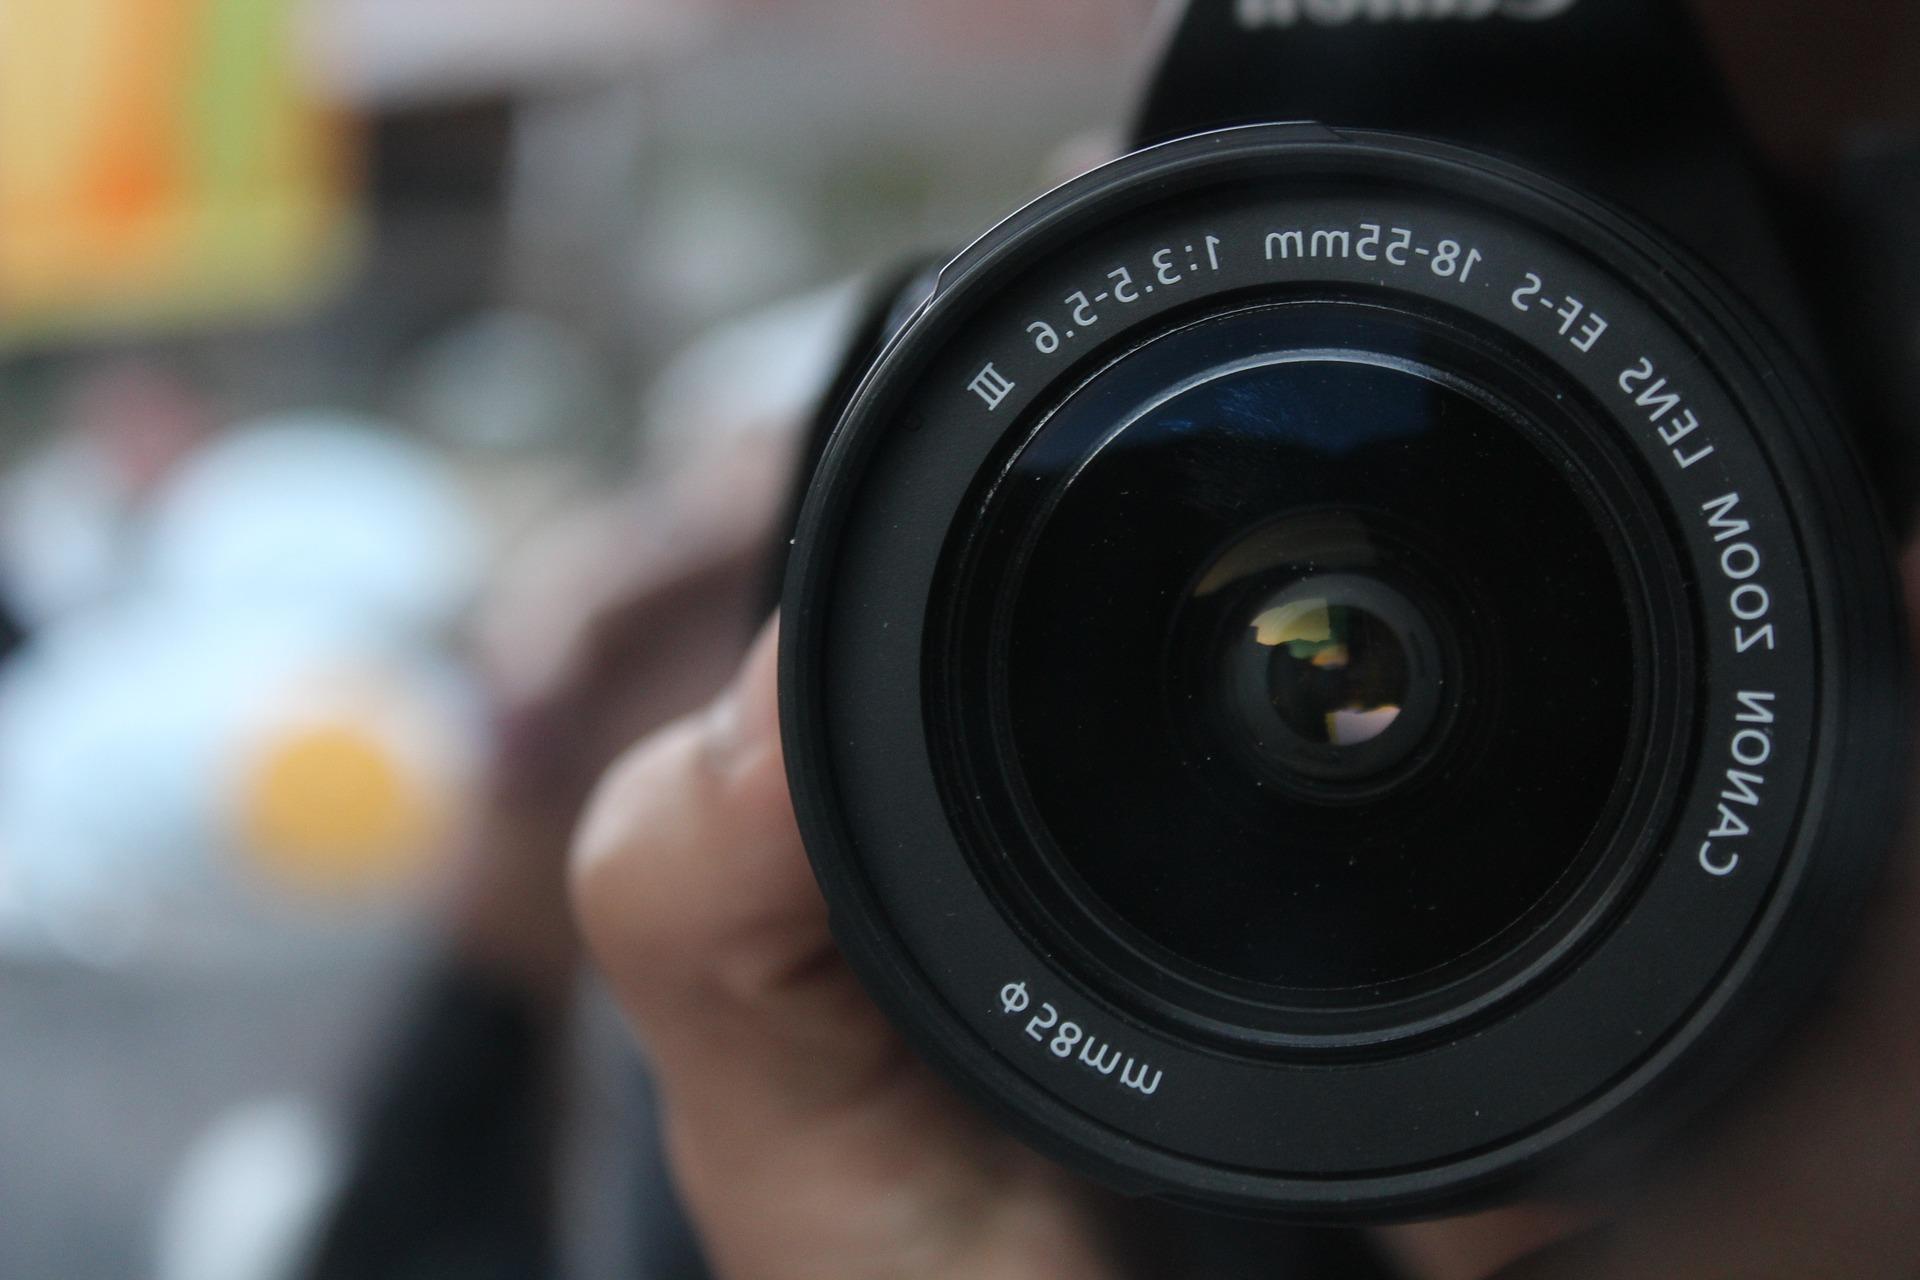 一眼レフカメラ初心者の私が初めて買うカメラをキャノンに選んだ理由